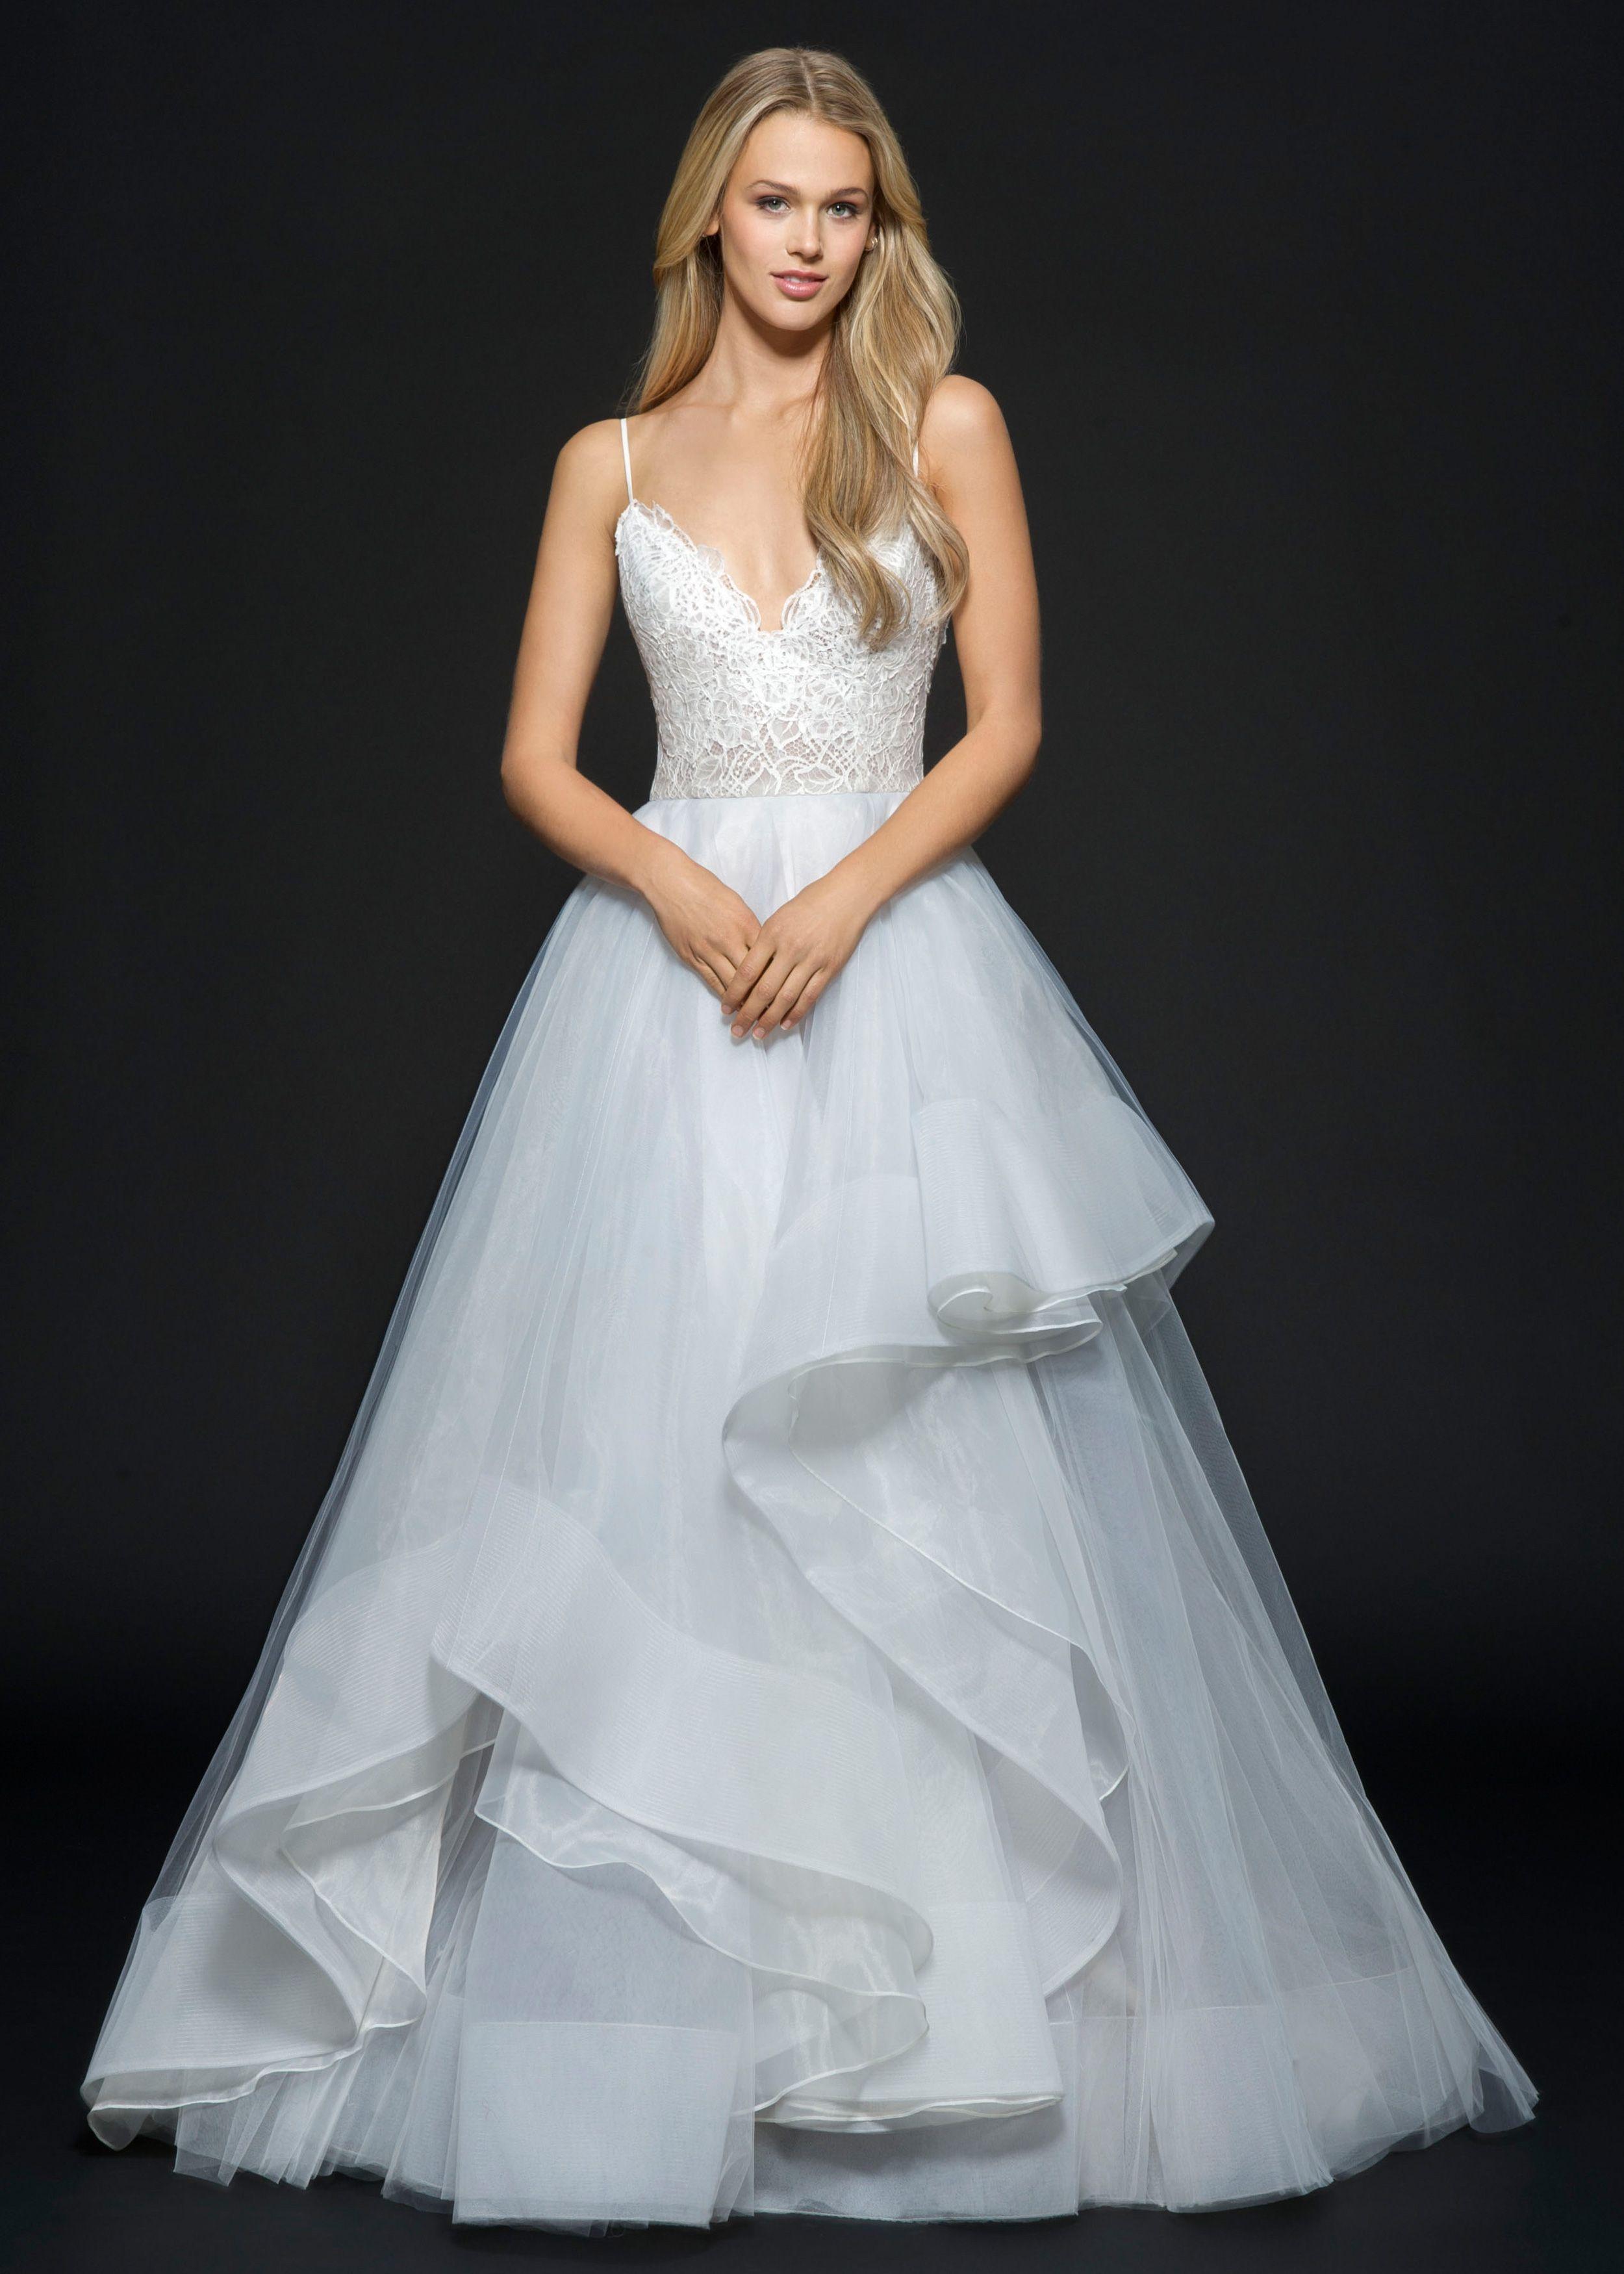 Hayley Paige Bijou gown   Lovedheysaxobeat   Pinterest   Hayley ...